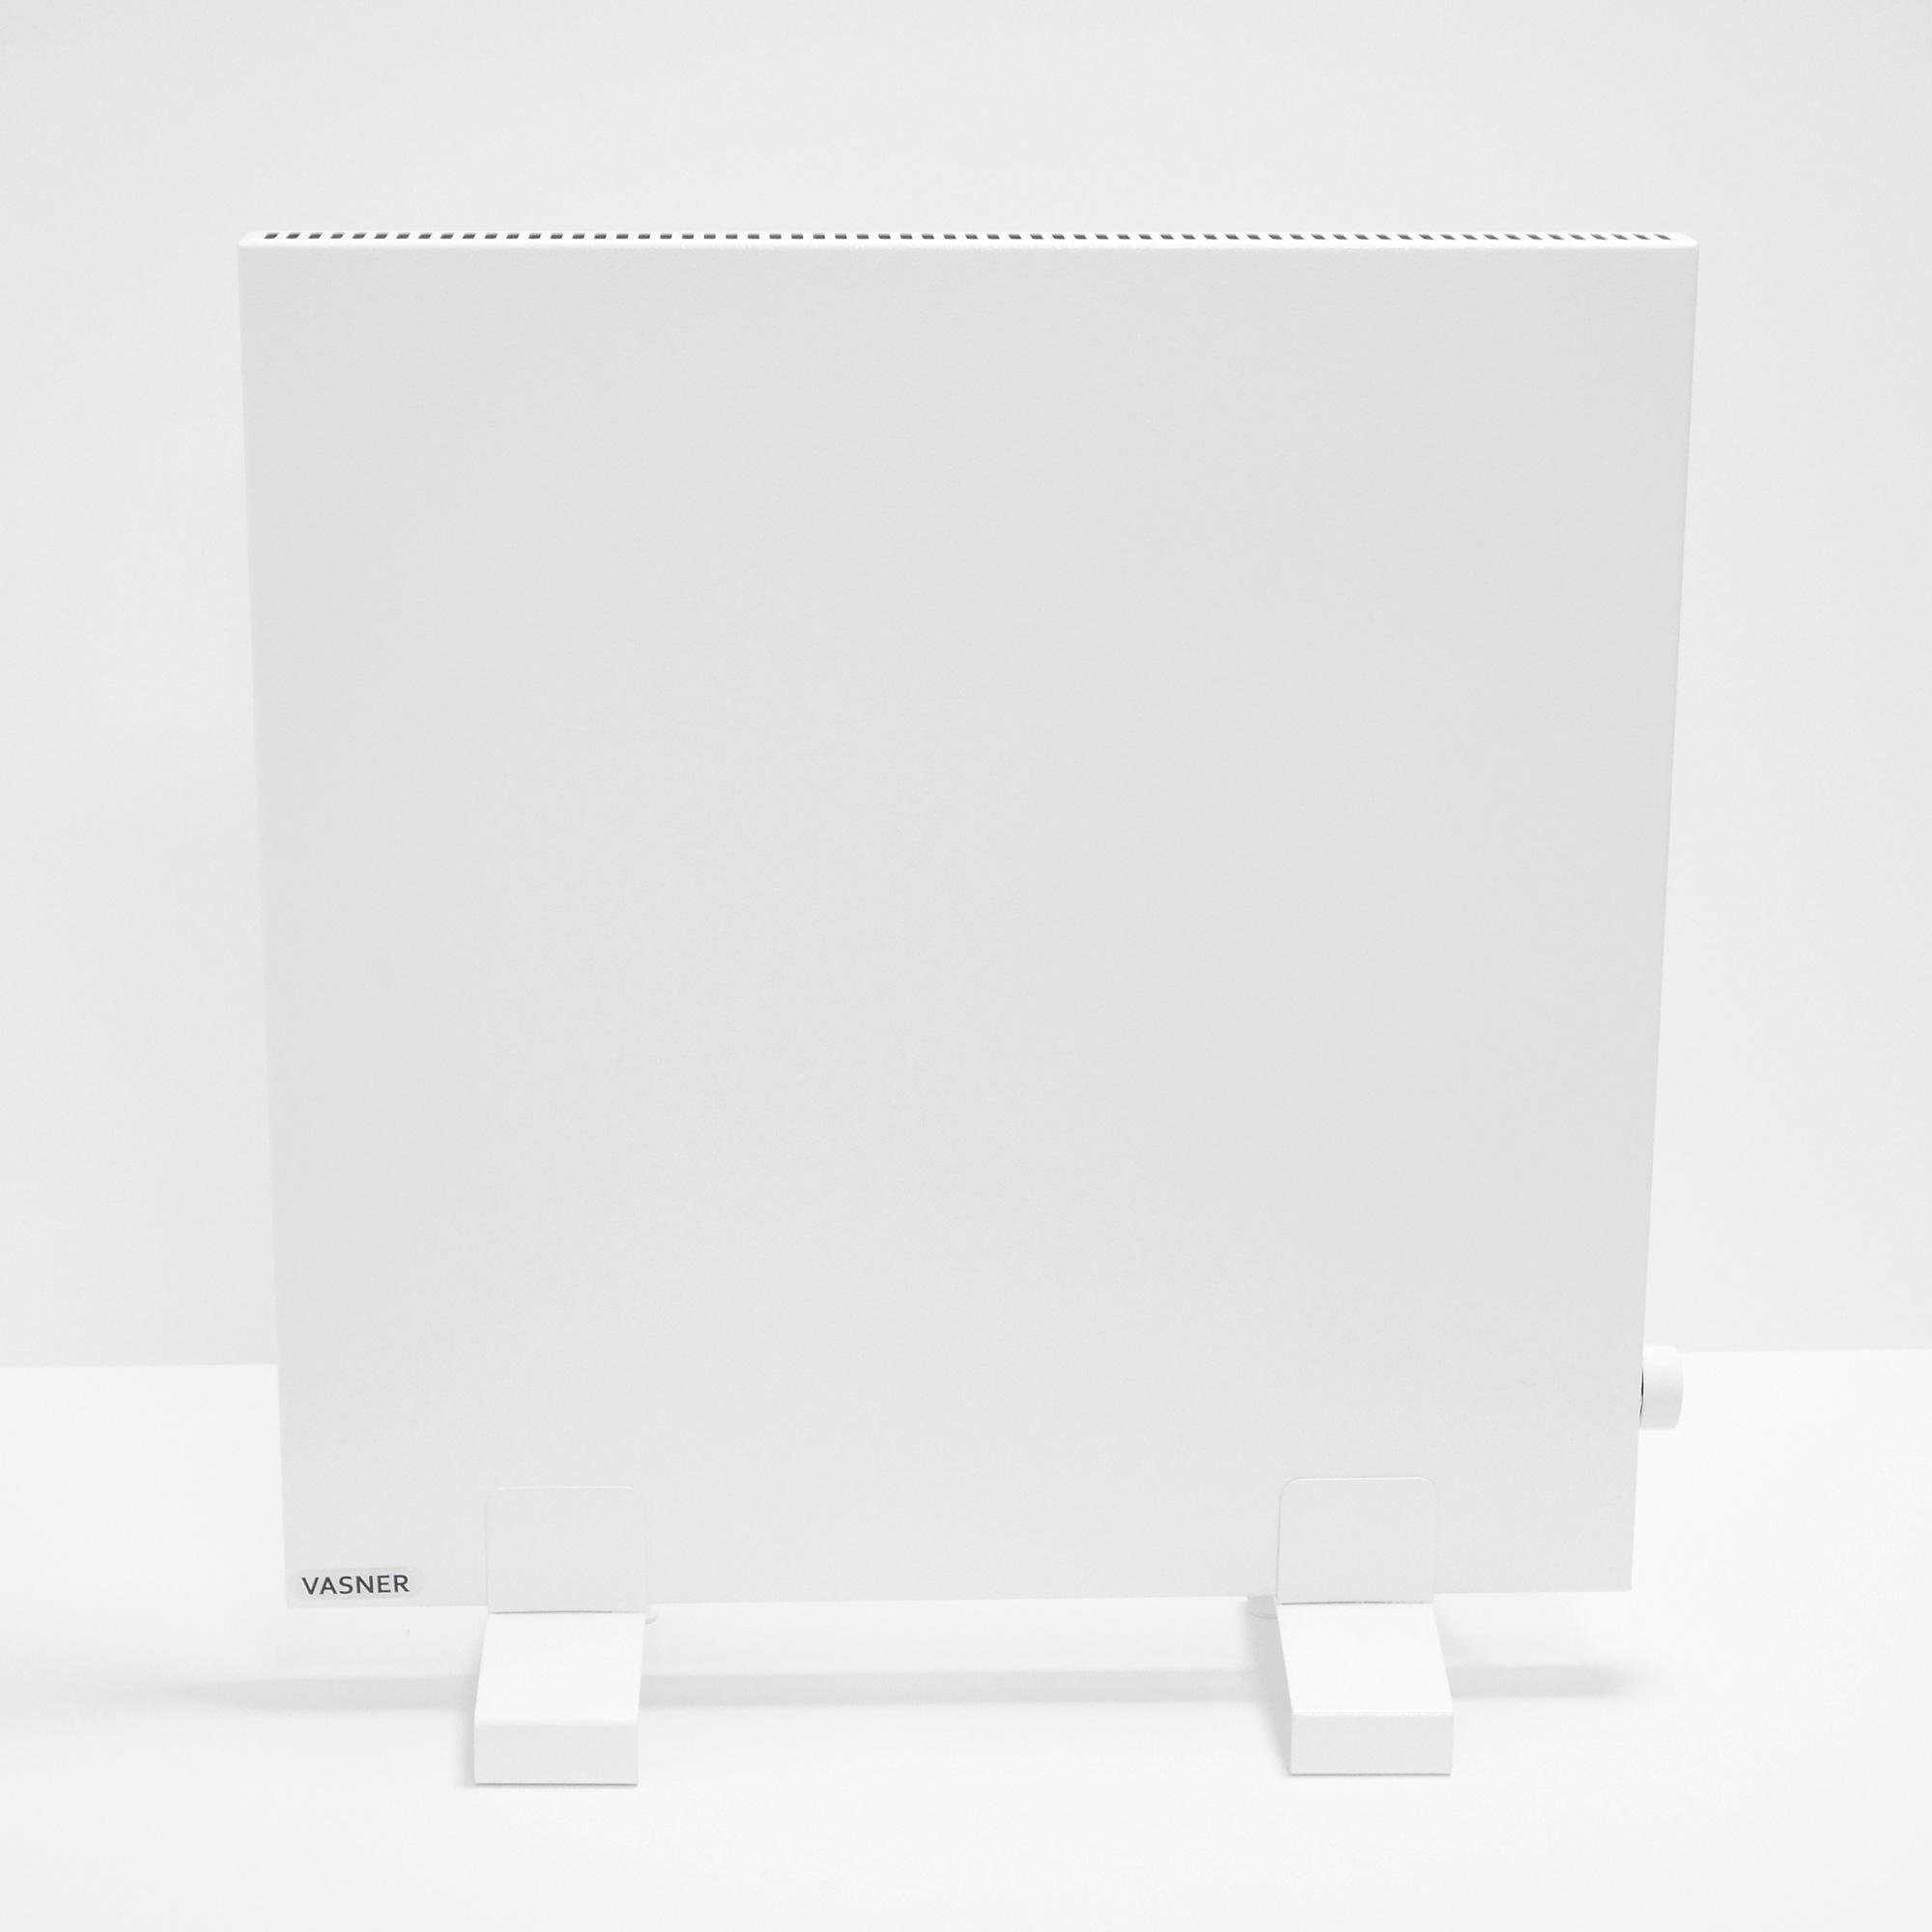 vasner standf e f r konvi infrarotheizung hybrid. Black Bedroom Furniture Sets. Home Design Ideas